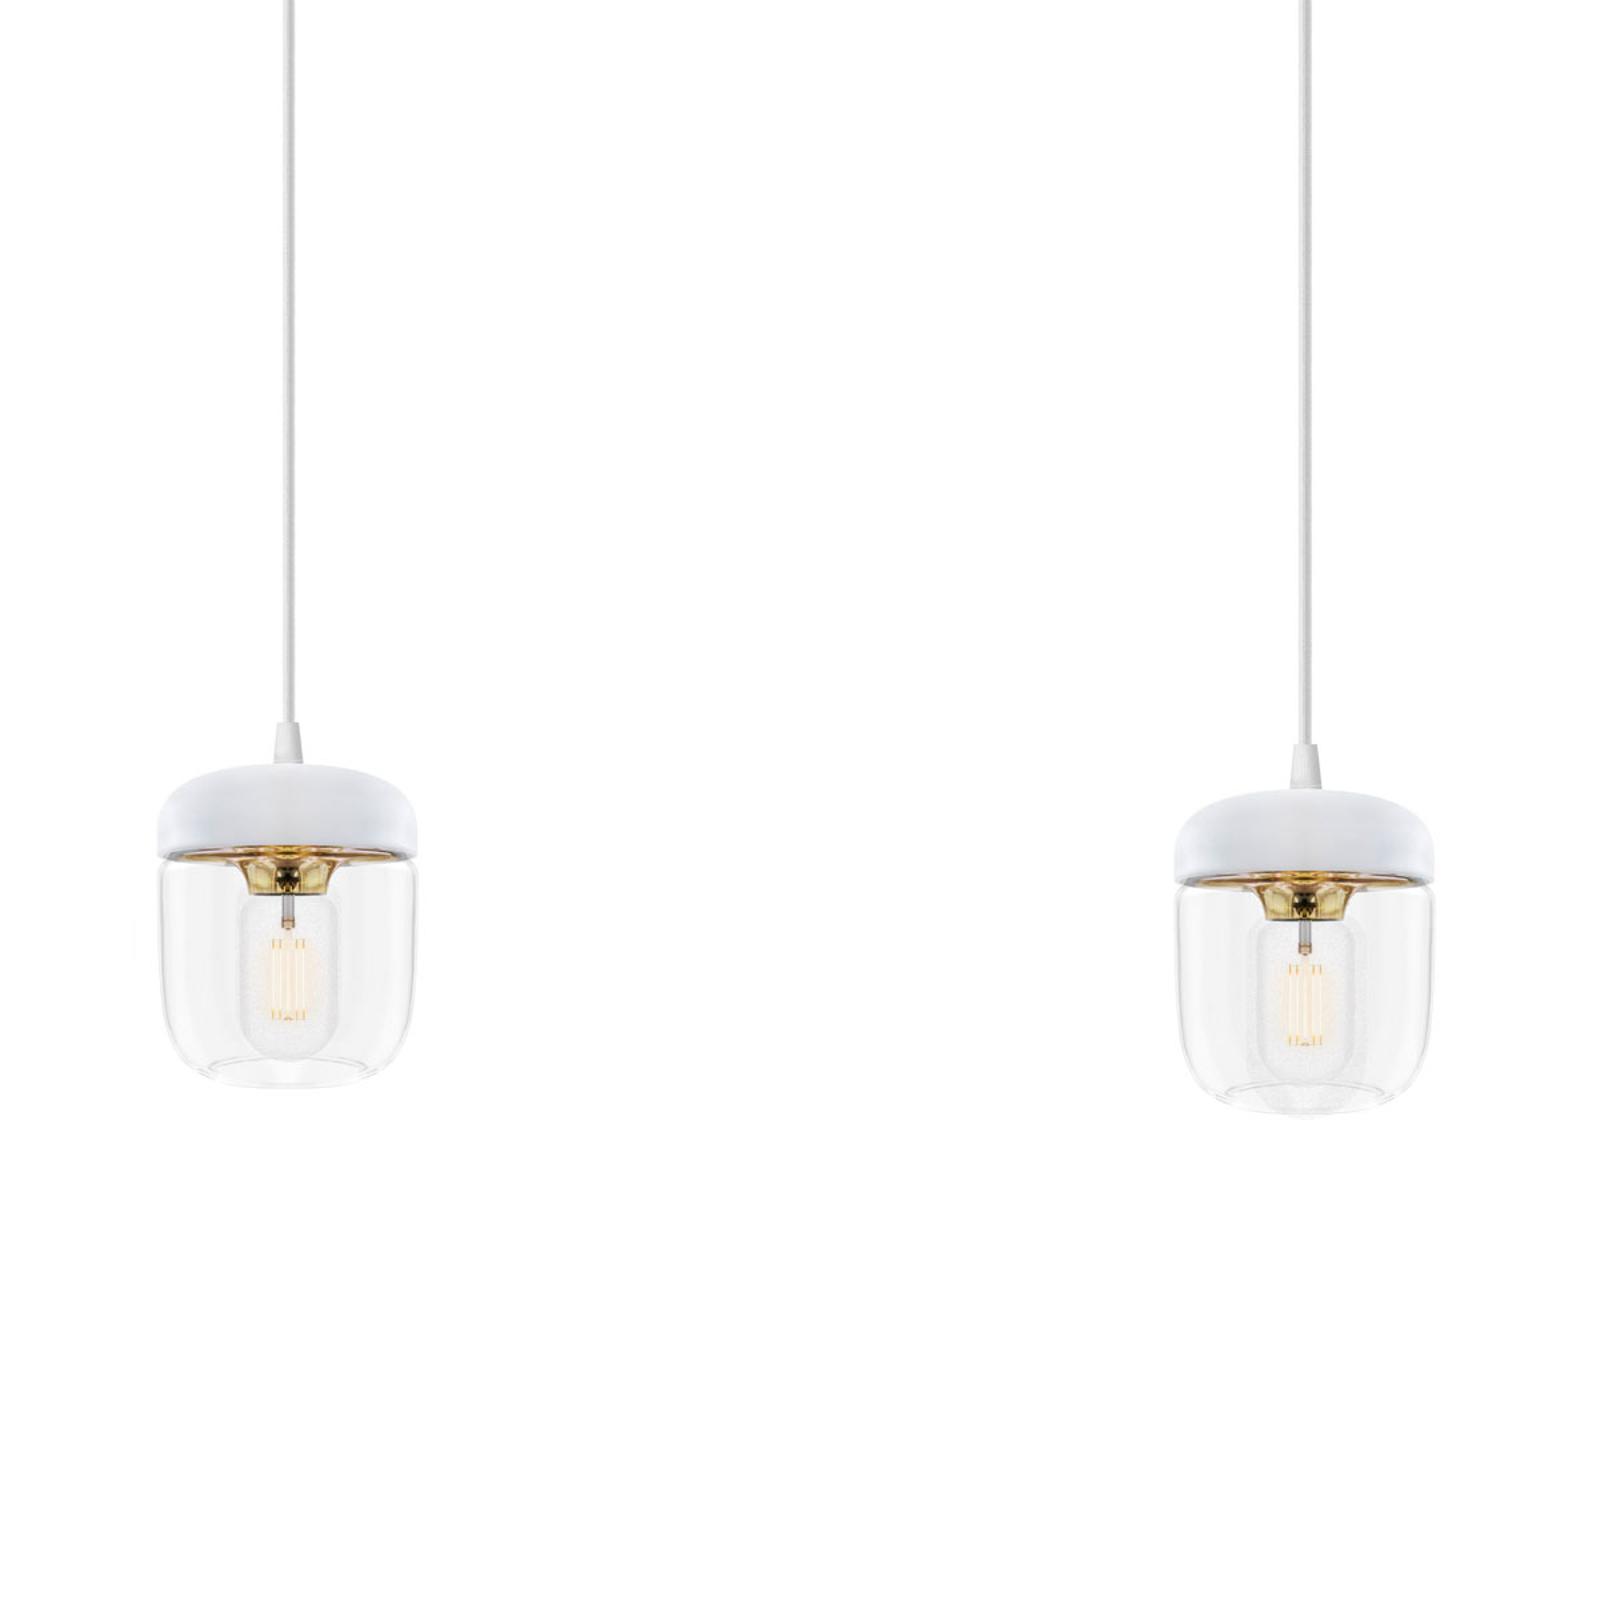 Suspension Acorn à 2 lampes en blanc et laiton